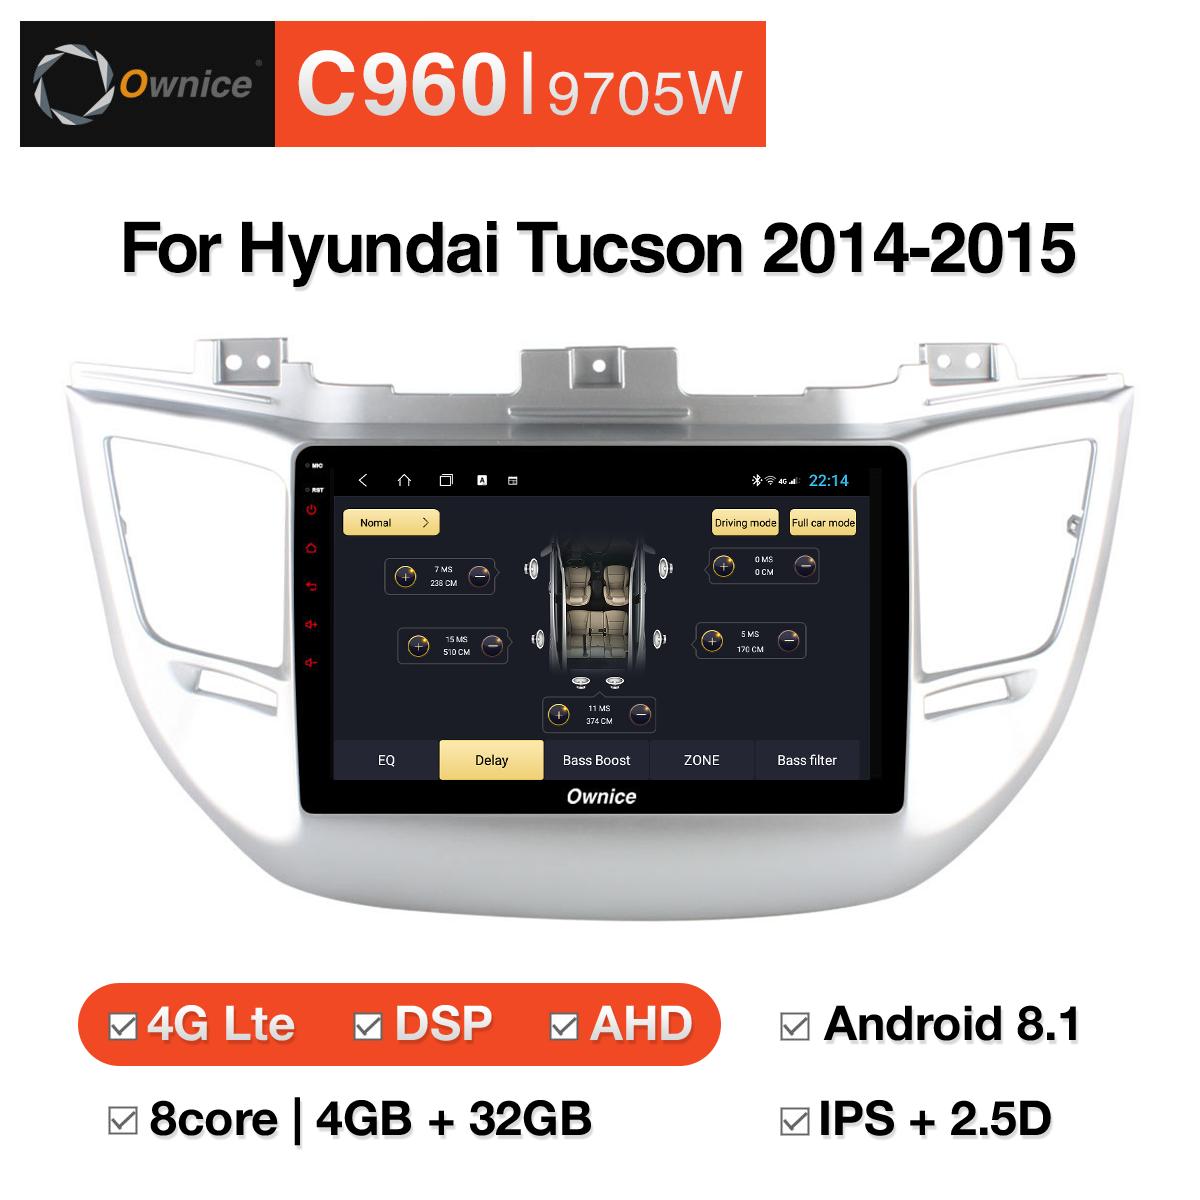 Đầu DVD android Ownice C960 cho xe ô tô Hyundai Tucson 2014-2015:: OL-9705W